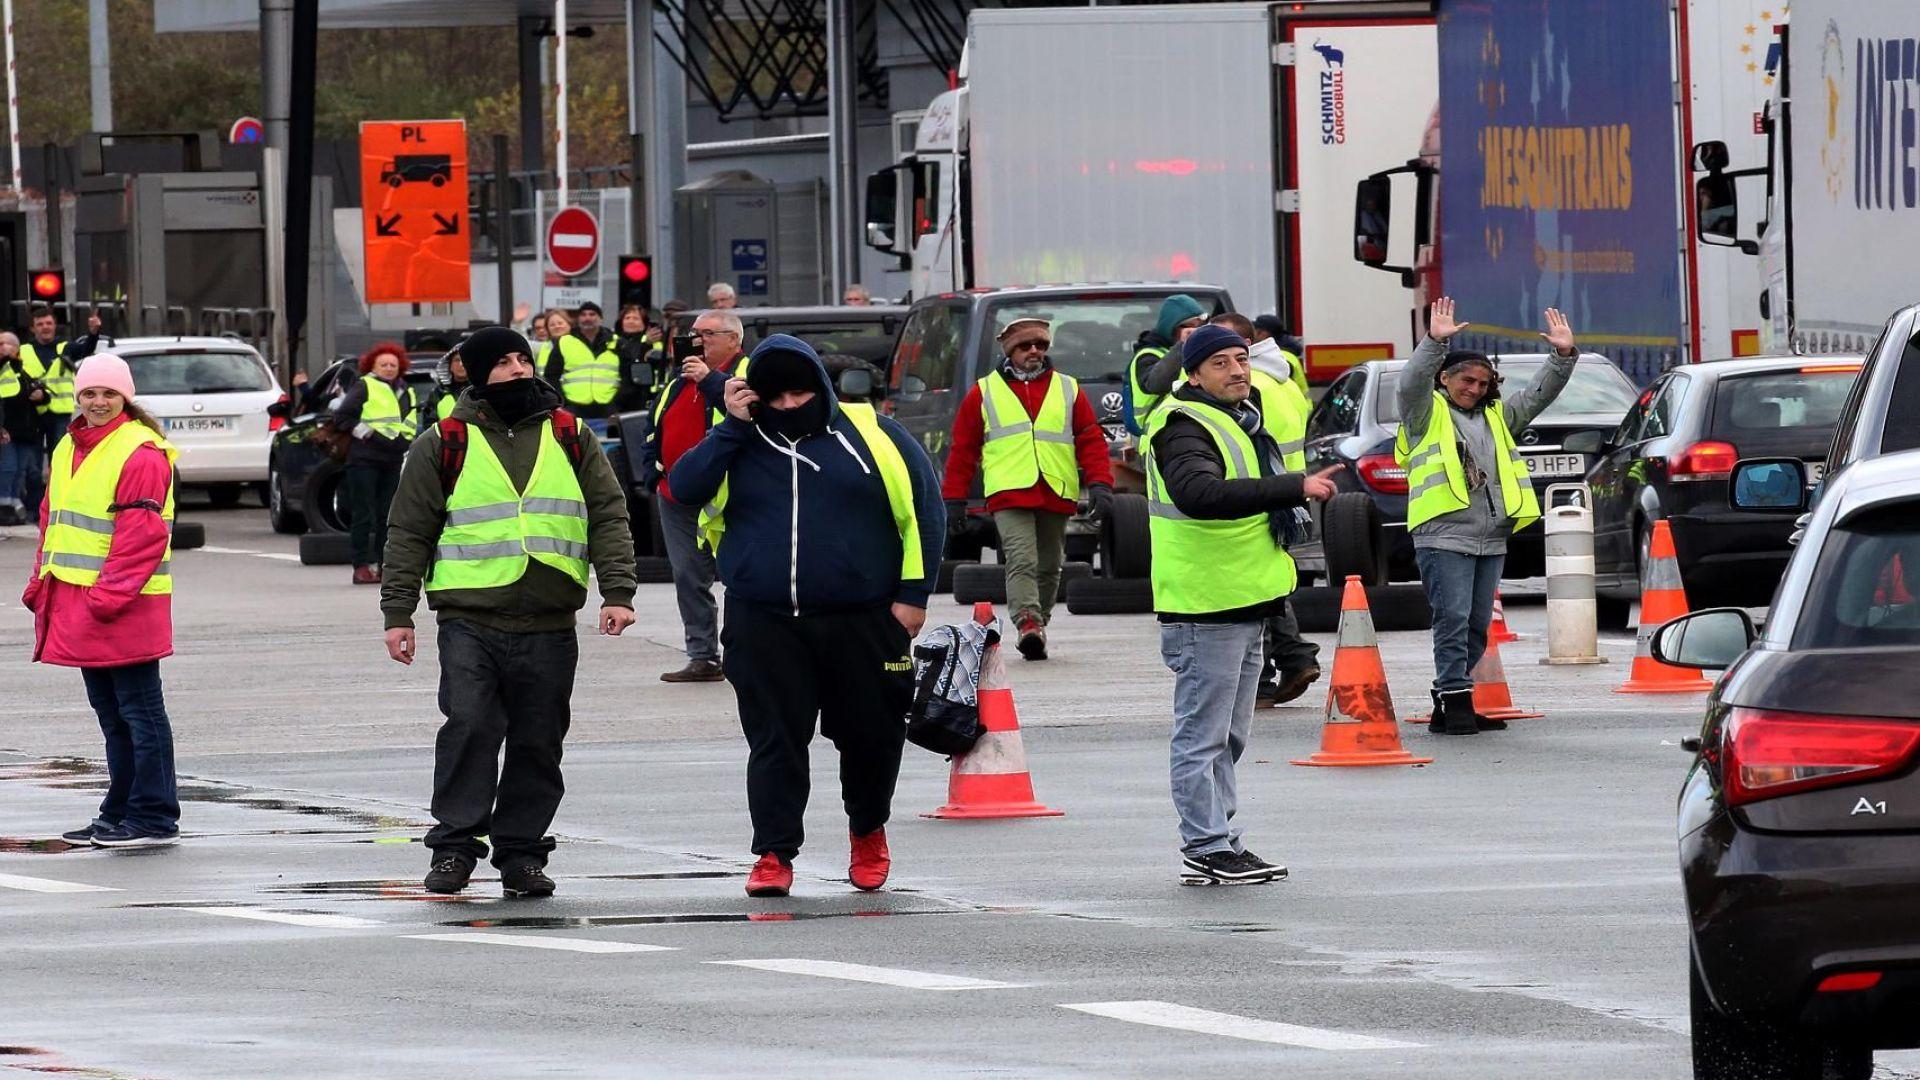 Протестиращите във Франция, станали известни като